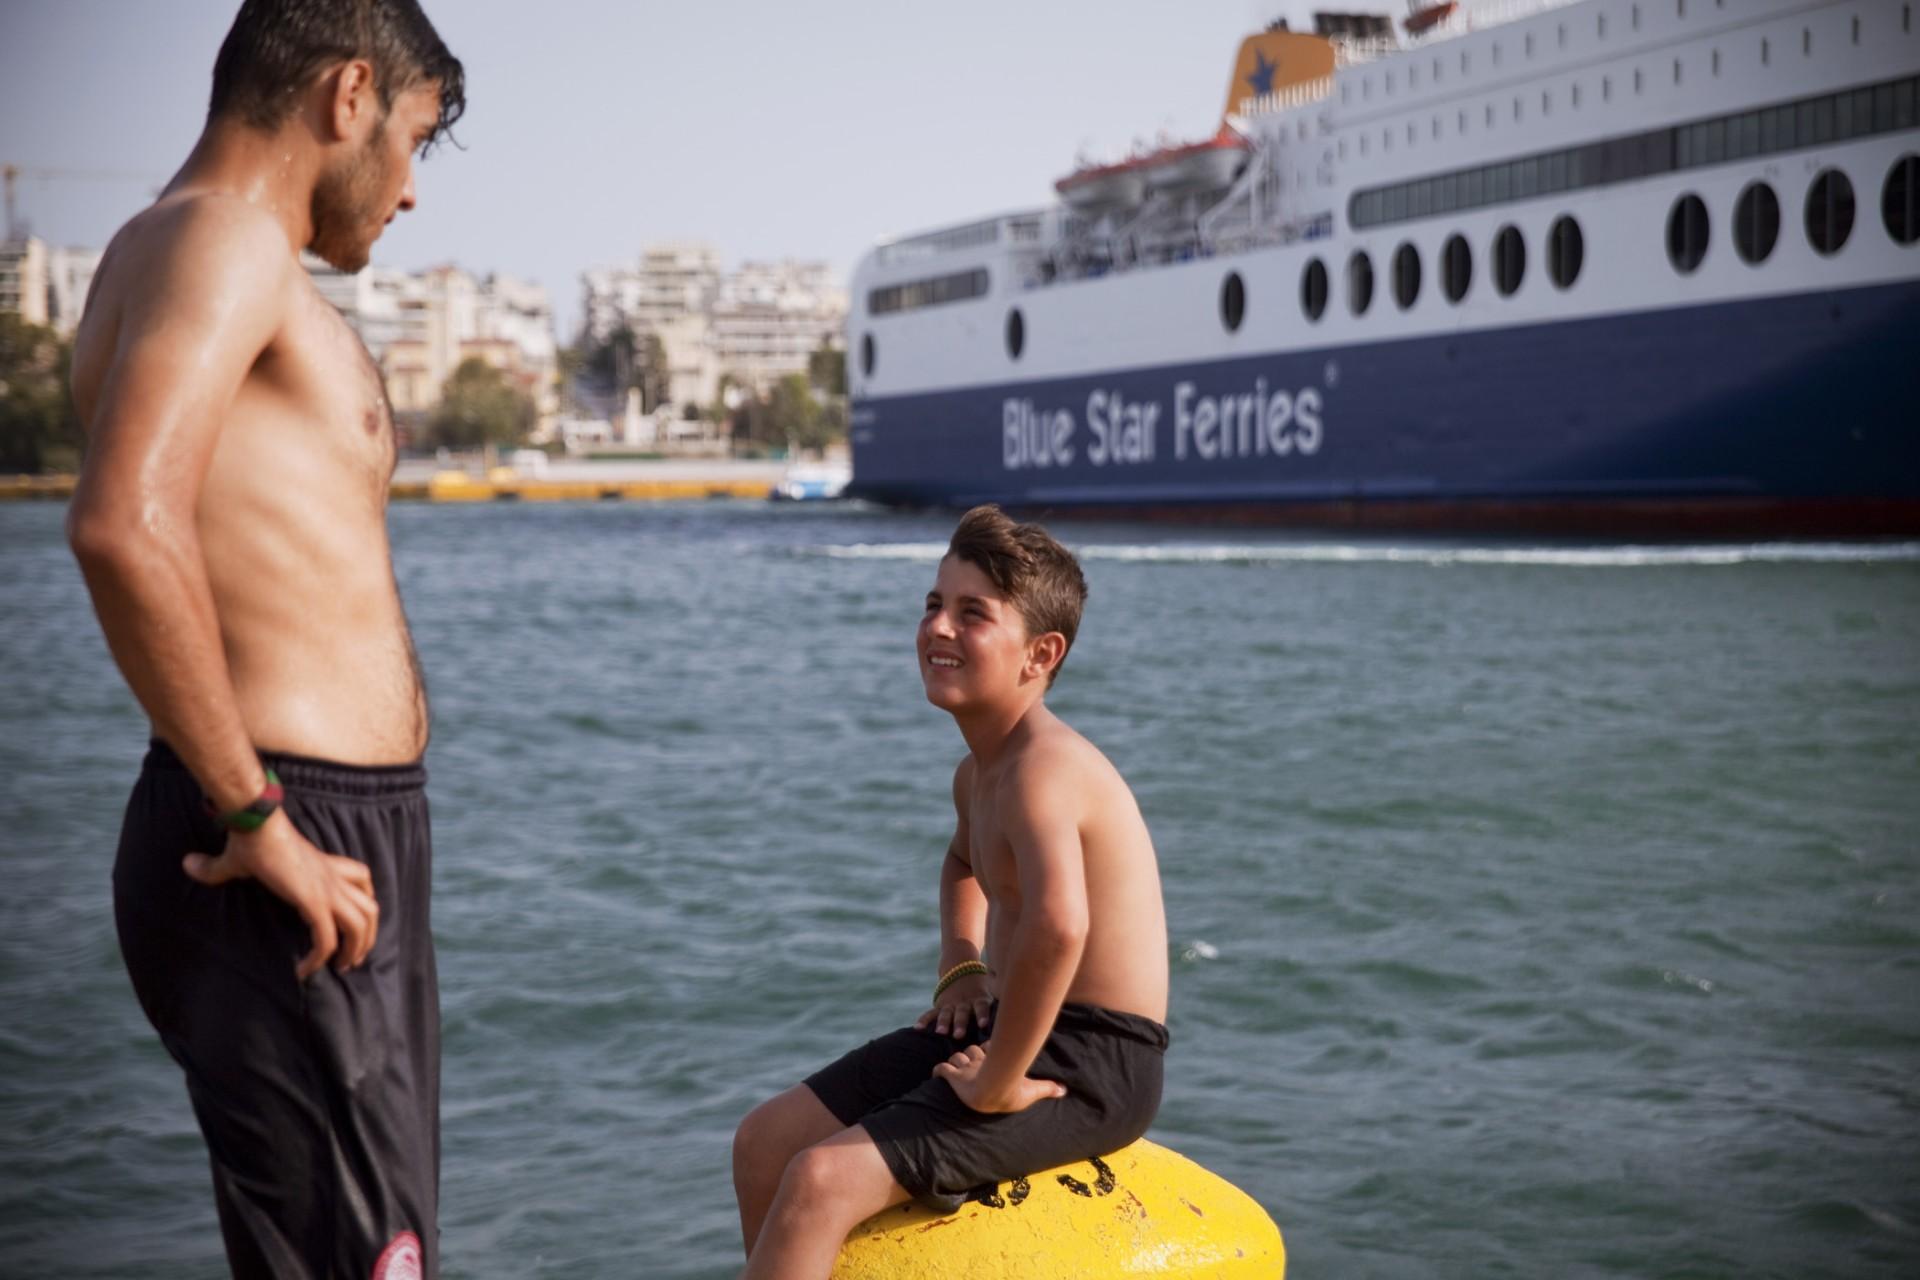 Les migrants préfèrent rester au camp du Pirée plutôt que d'aller dans les camps officiels, car la ville d'Athènes est seulement à quelques kilomètres.